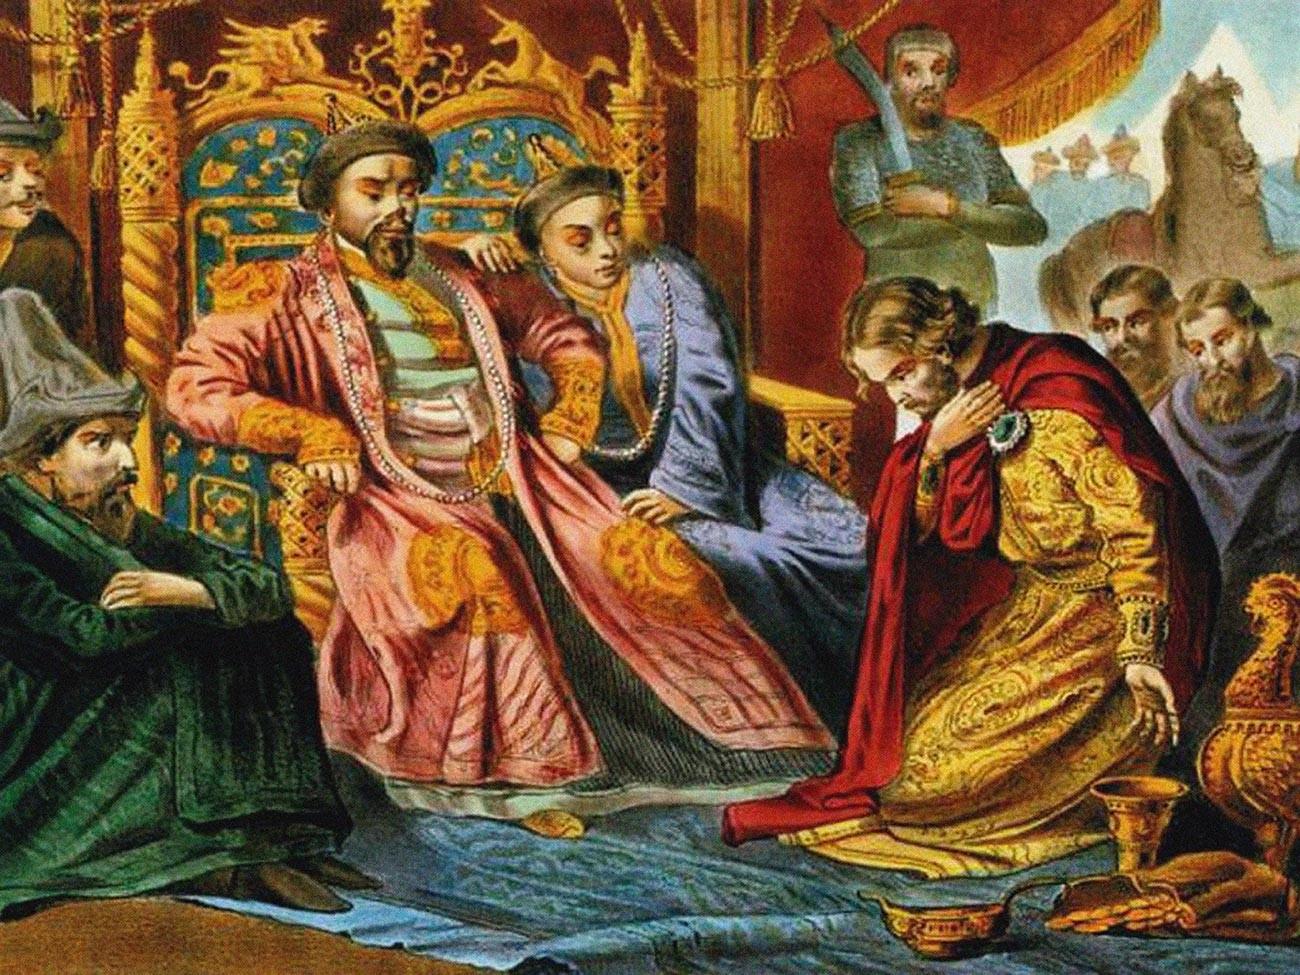 Pangeran Aleksandr Nevsky memohon belas kasihan Batu Khan untuk Rusia — sebuah gambar abad ke-19.